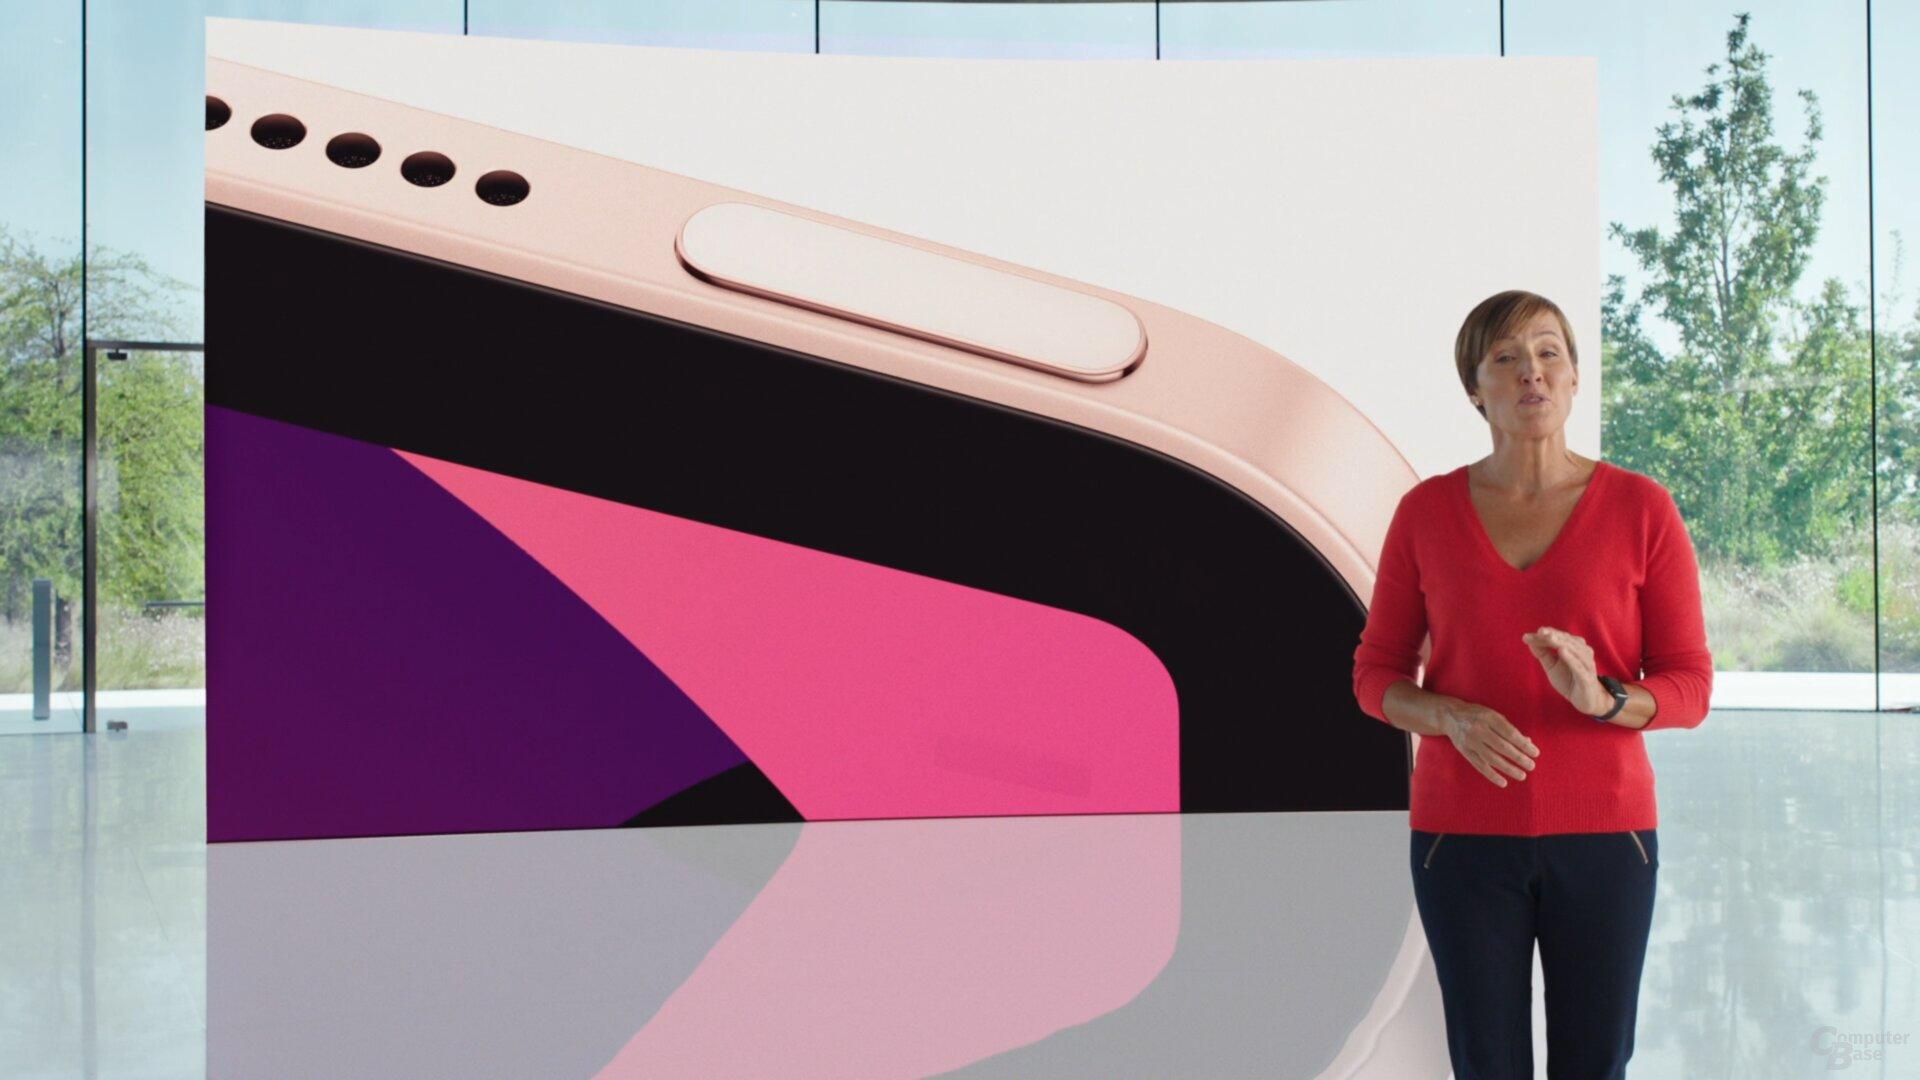 Das iPad Air 2020 mit TouchID im An-Aus-Schalter